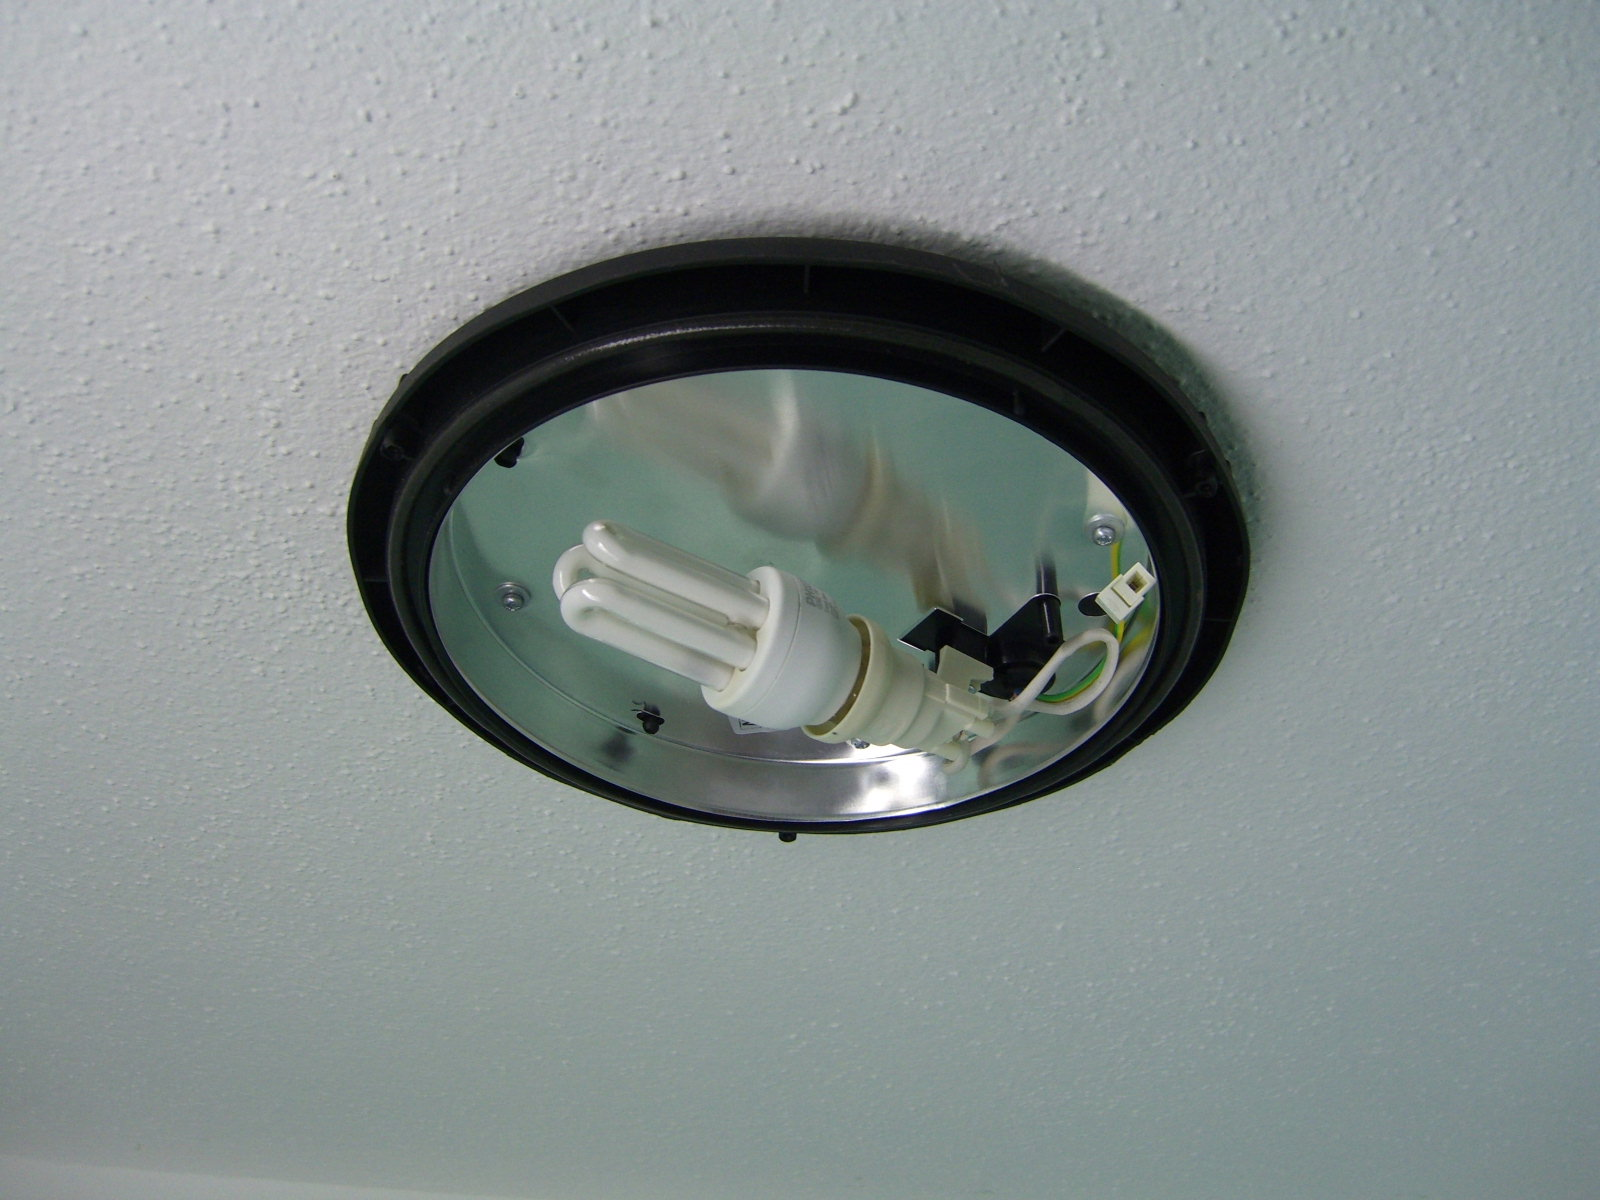 lampe in der dusche installieren. Black Bedroom Furniture Sets. Home Design Ideas